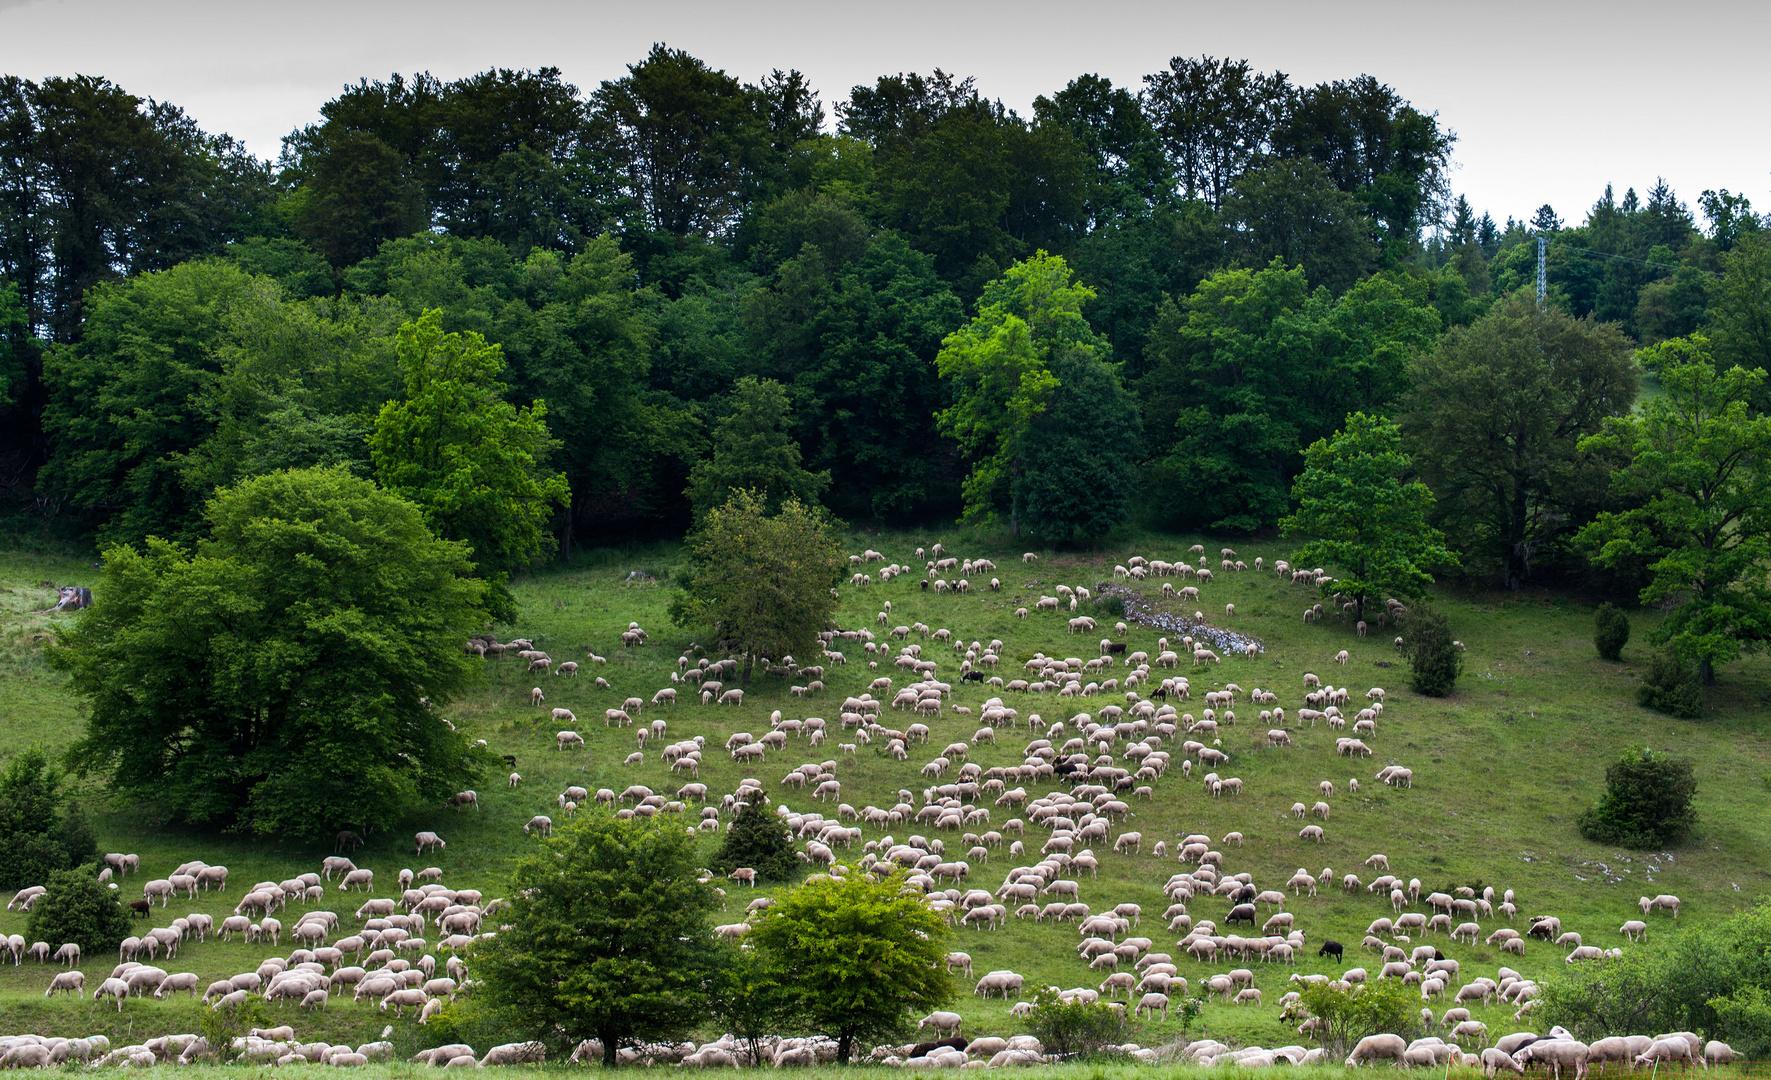 Schafherde - die perfekten Landschaftspfleger